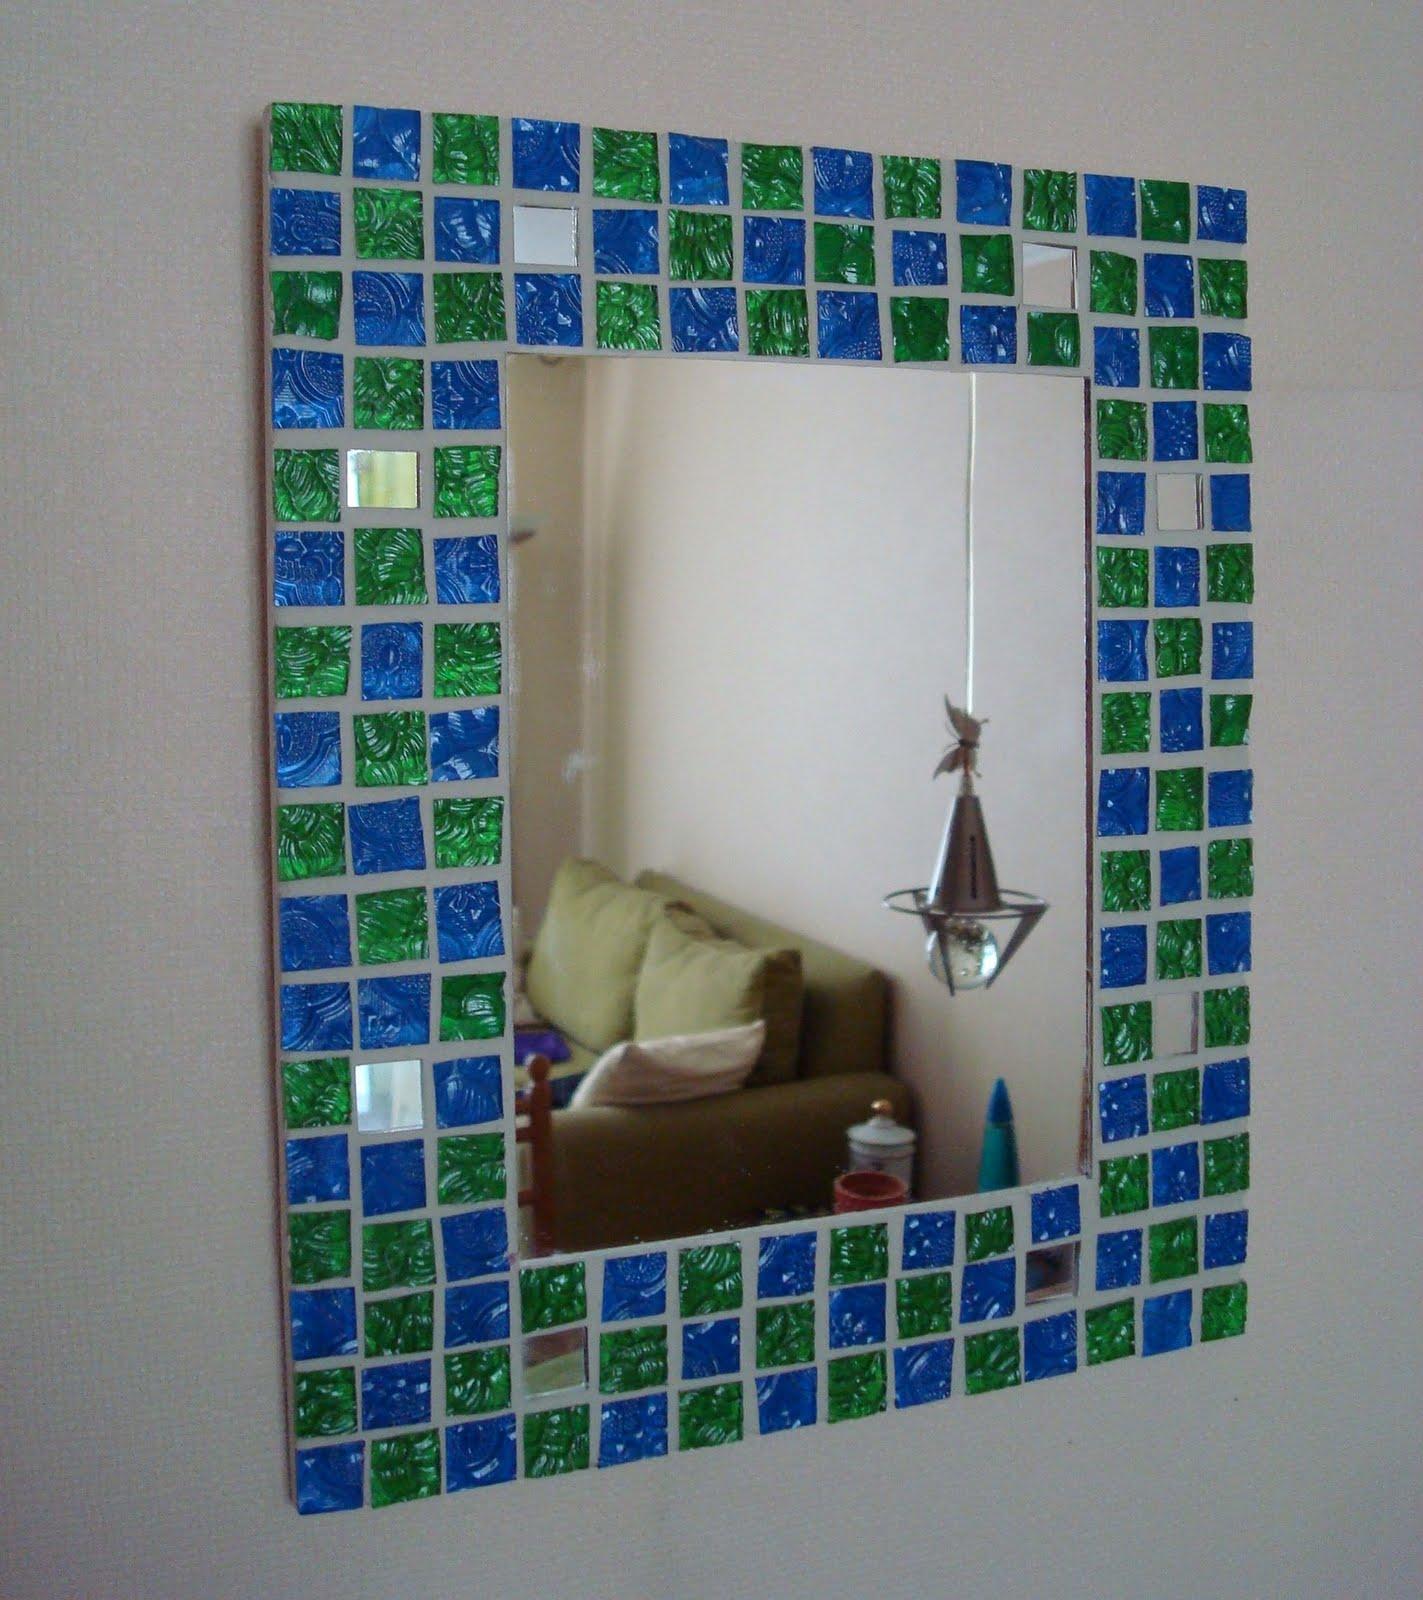 Espejos cosas lindas de mosaico for Mosaicos para espejos